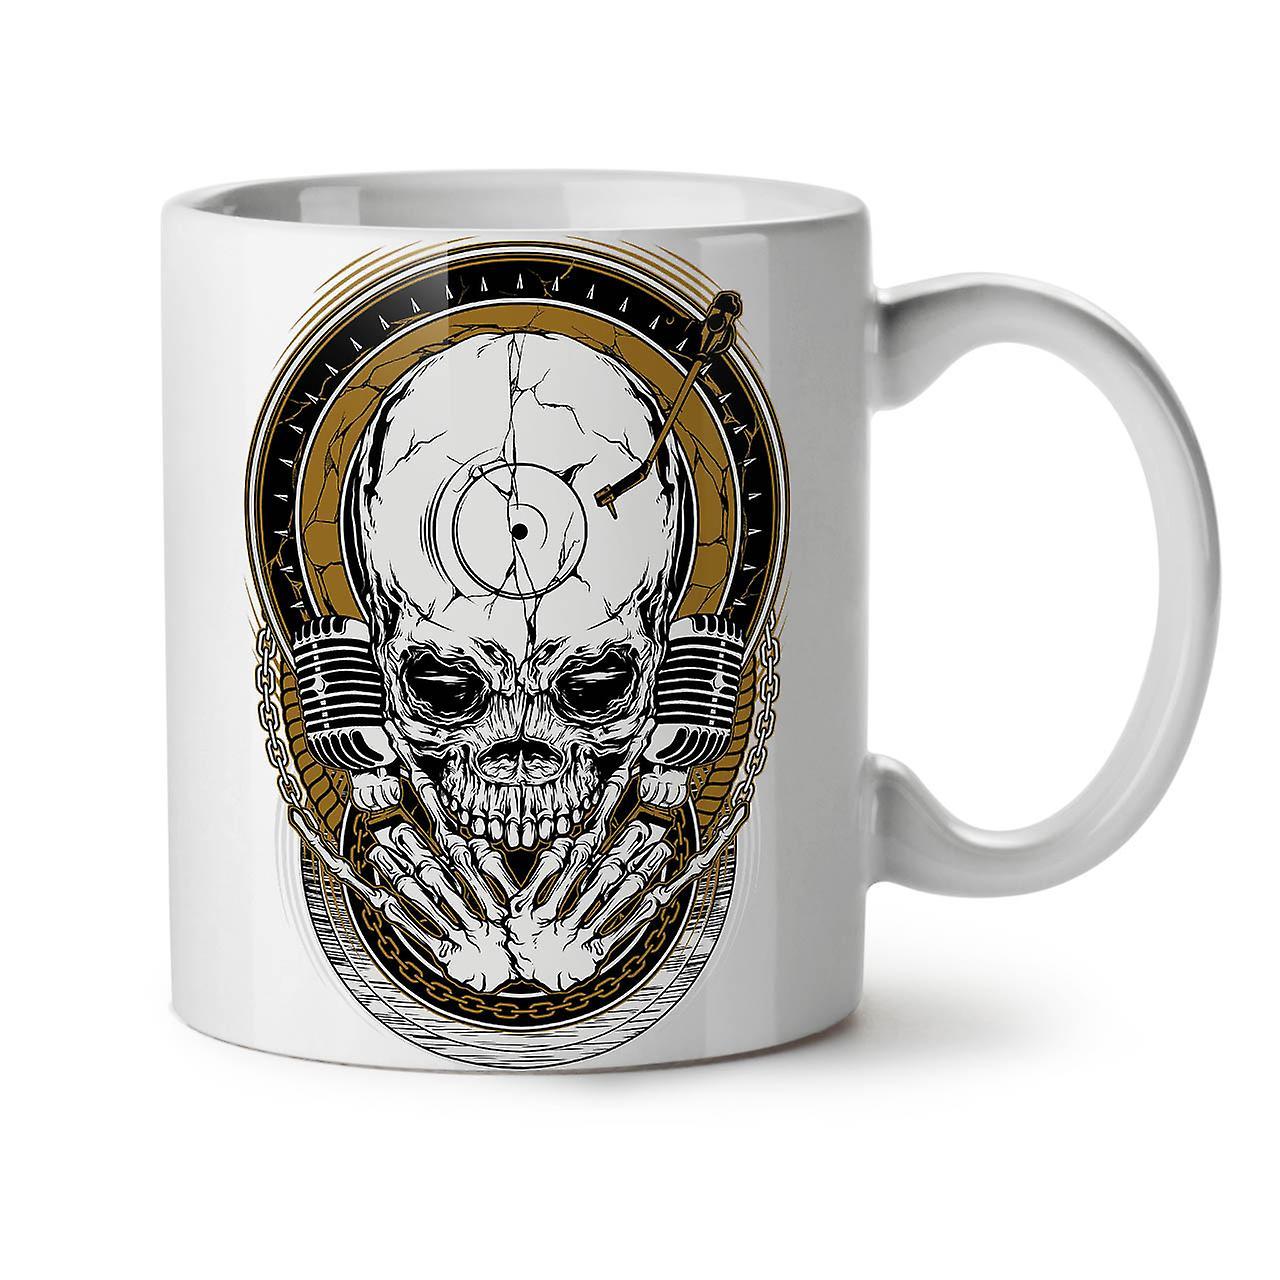 Nouveau 11 Céramique Musique OzWellcoda Café Tasse Mort Thé Blanc Rock Crâne XkuTwOZiP